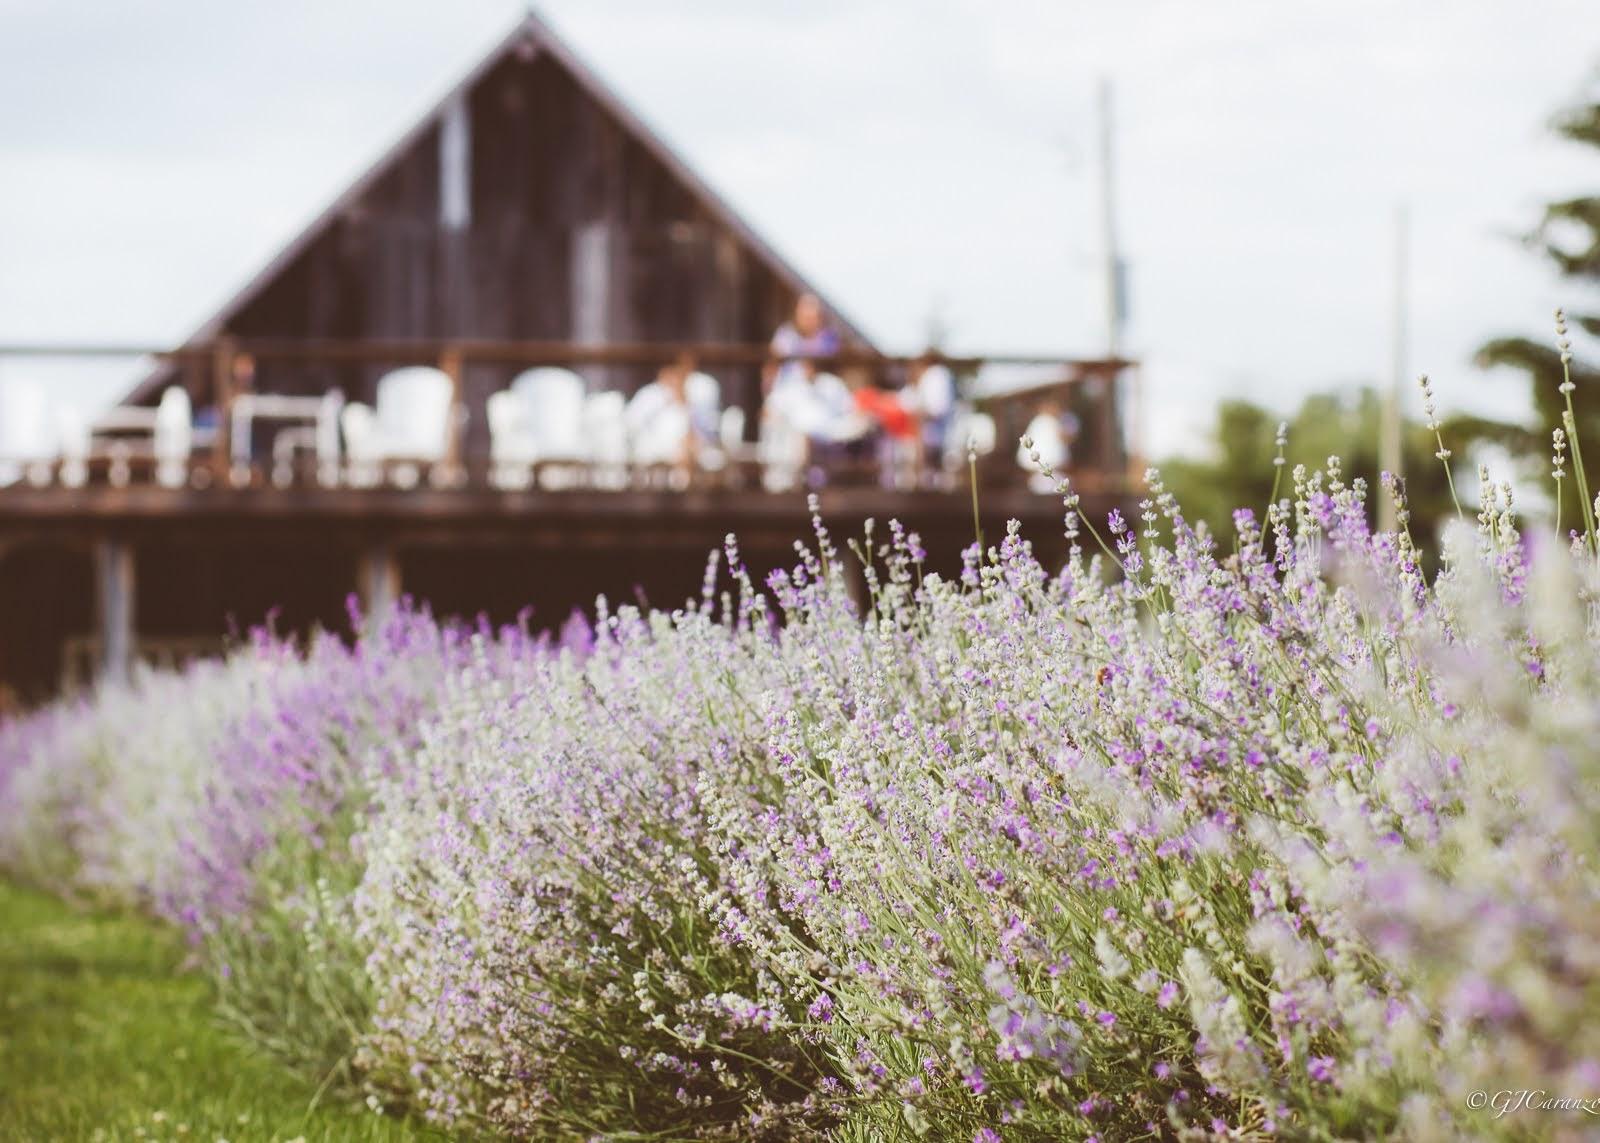 Short Day Trip From Ottawa: Visit Maison Lavande in Summer